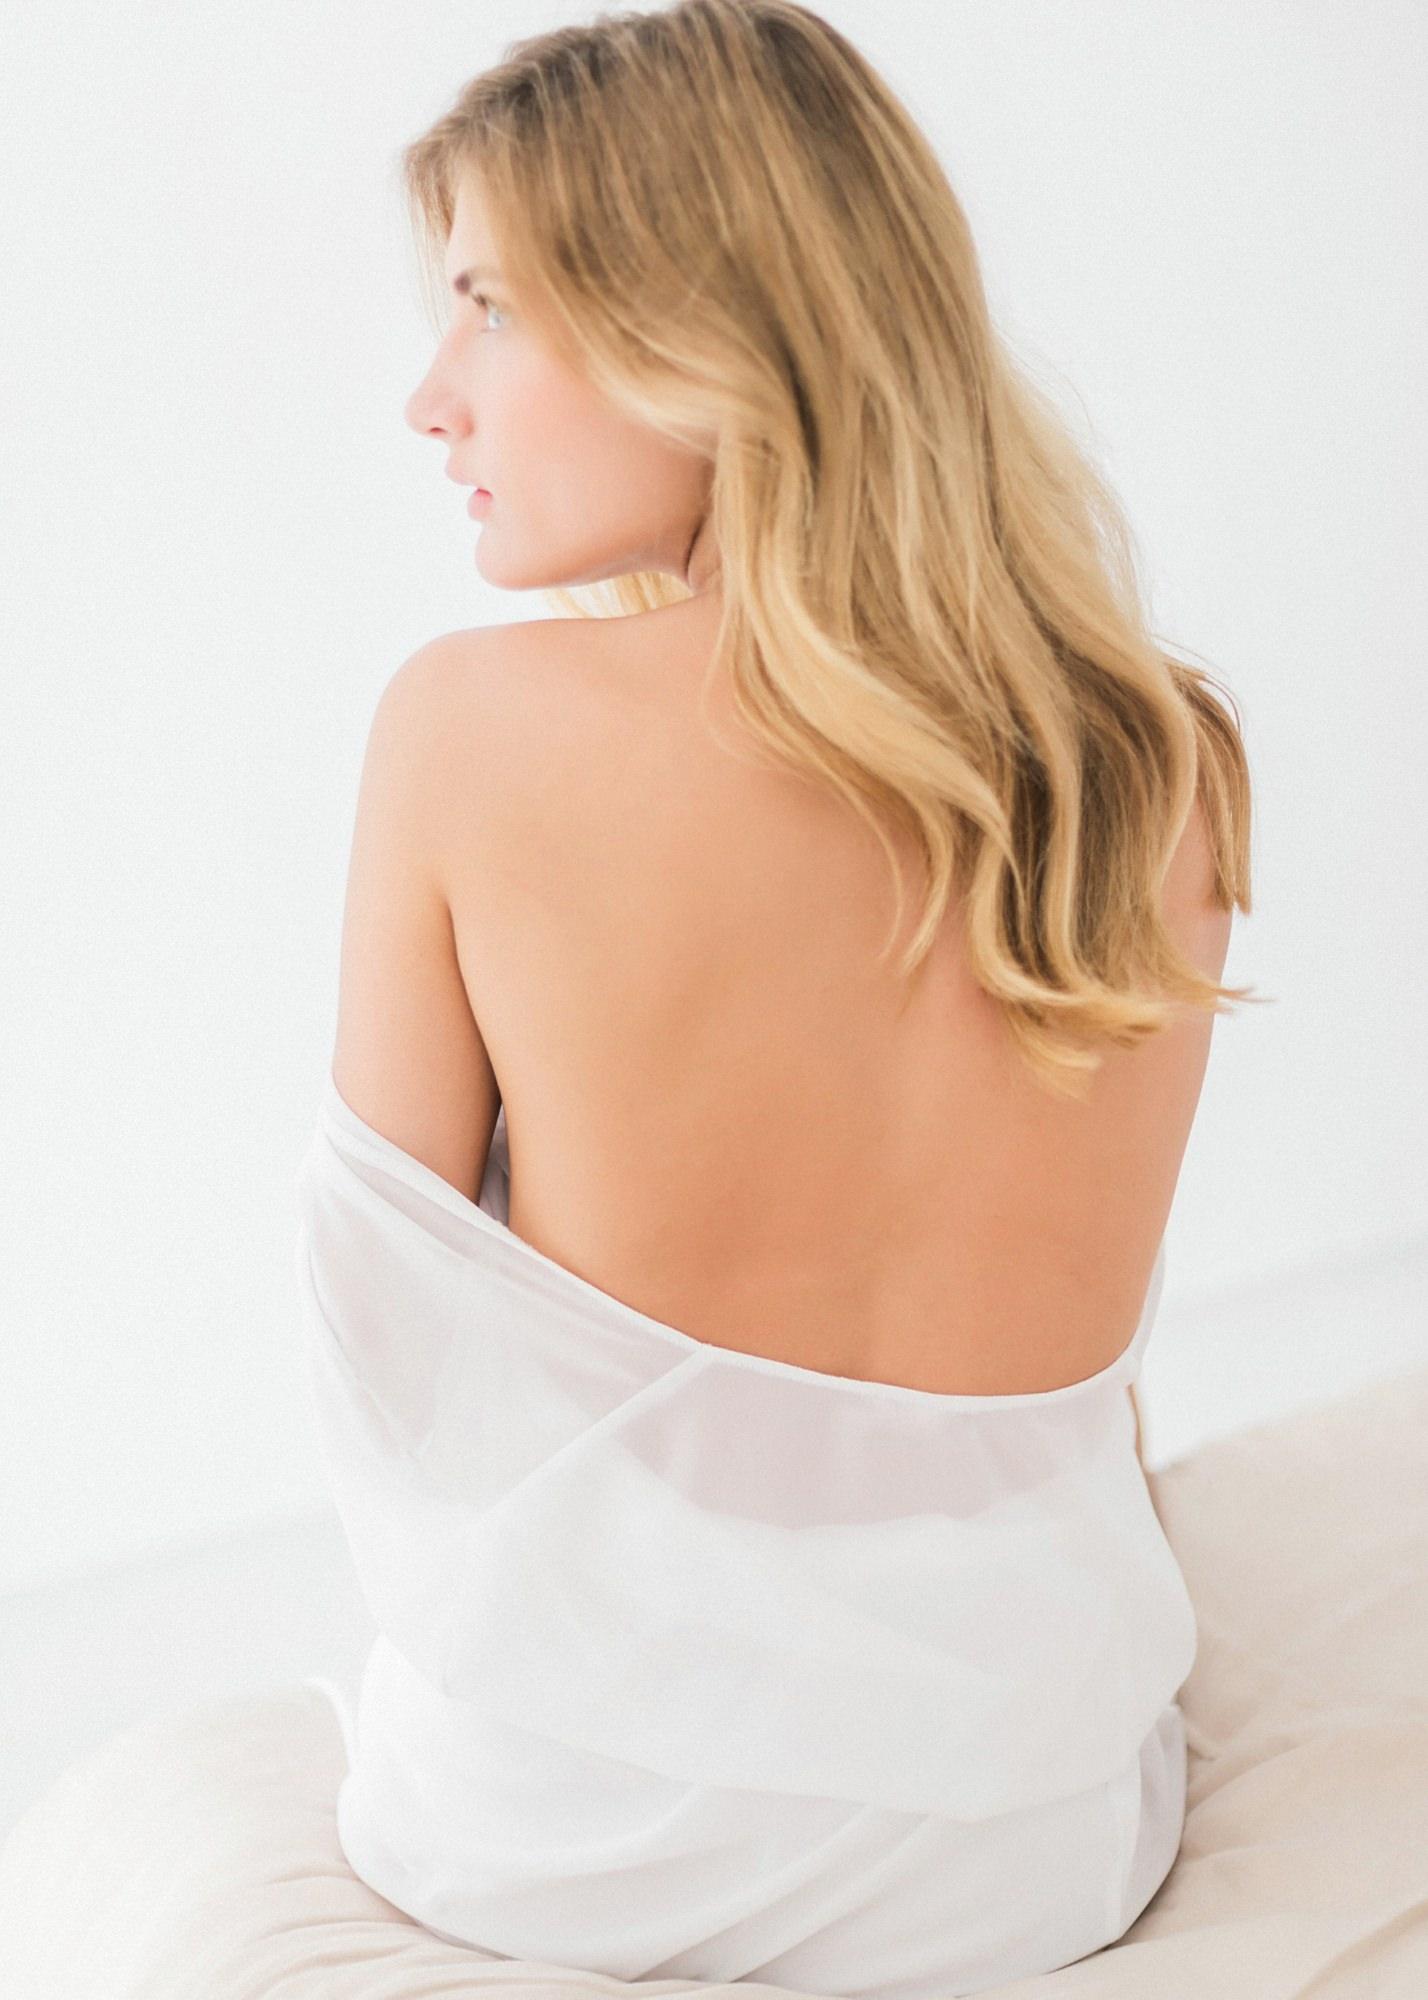 48-boudoir-santorini-wedding-photographer-greece-v